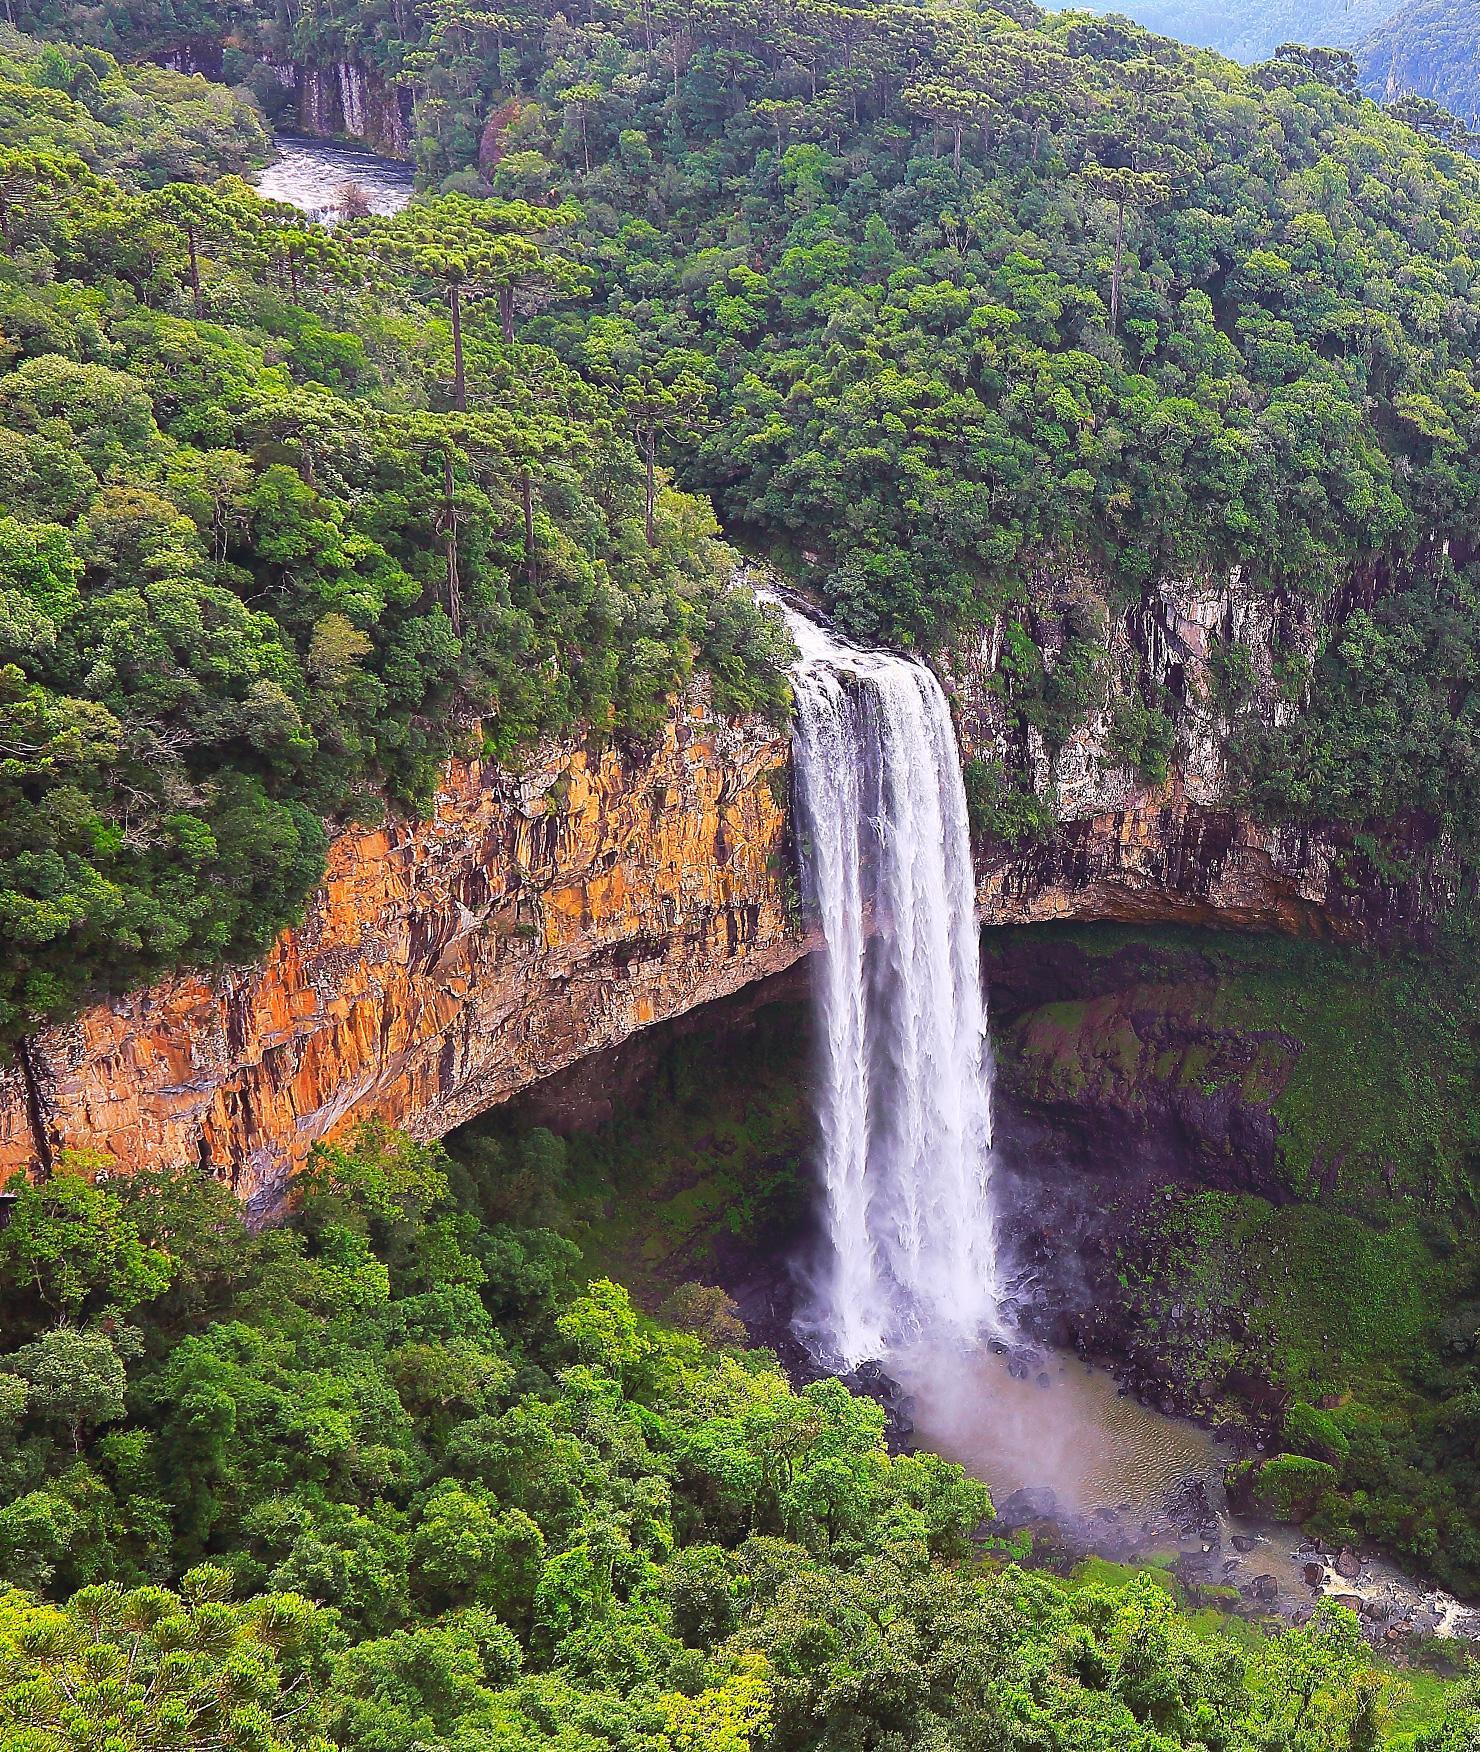 BRITA pianeta più sano foresta pluviale brasiliana